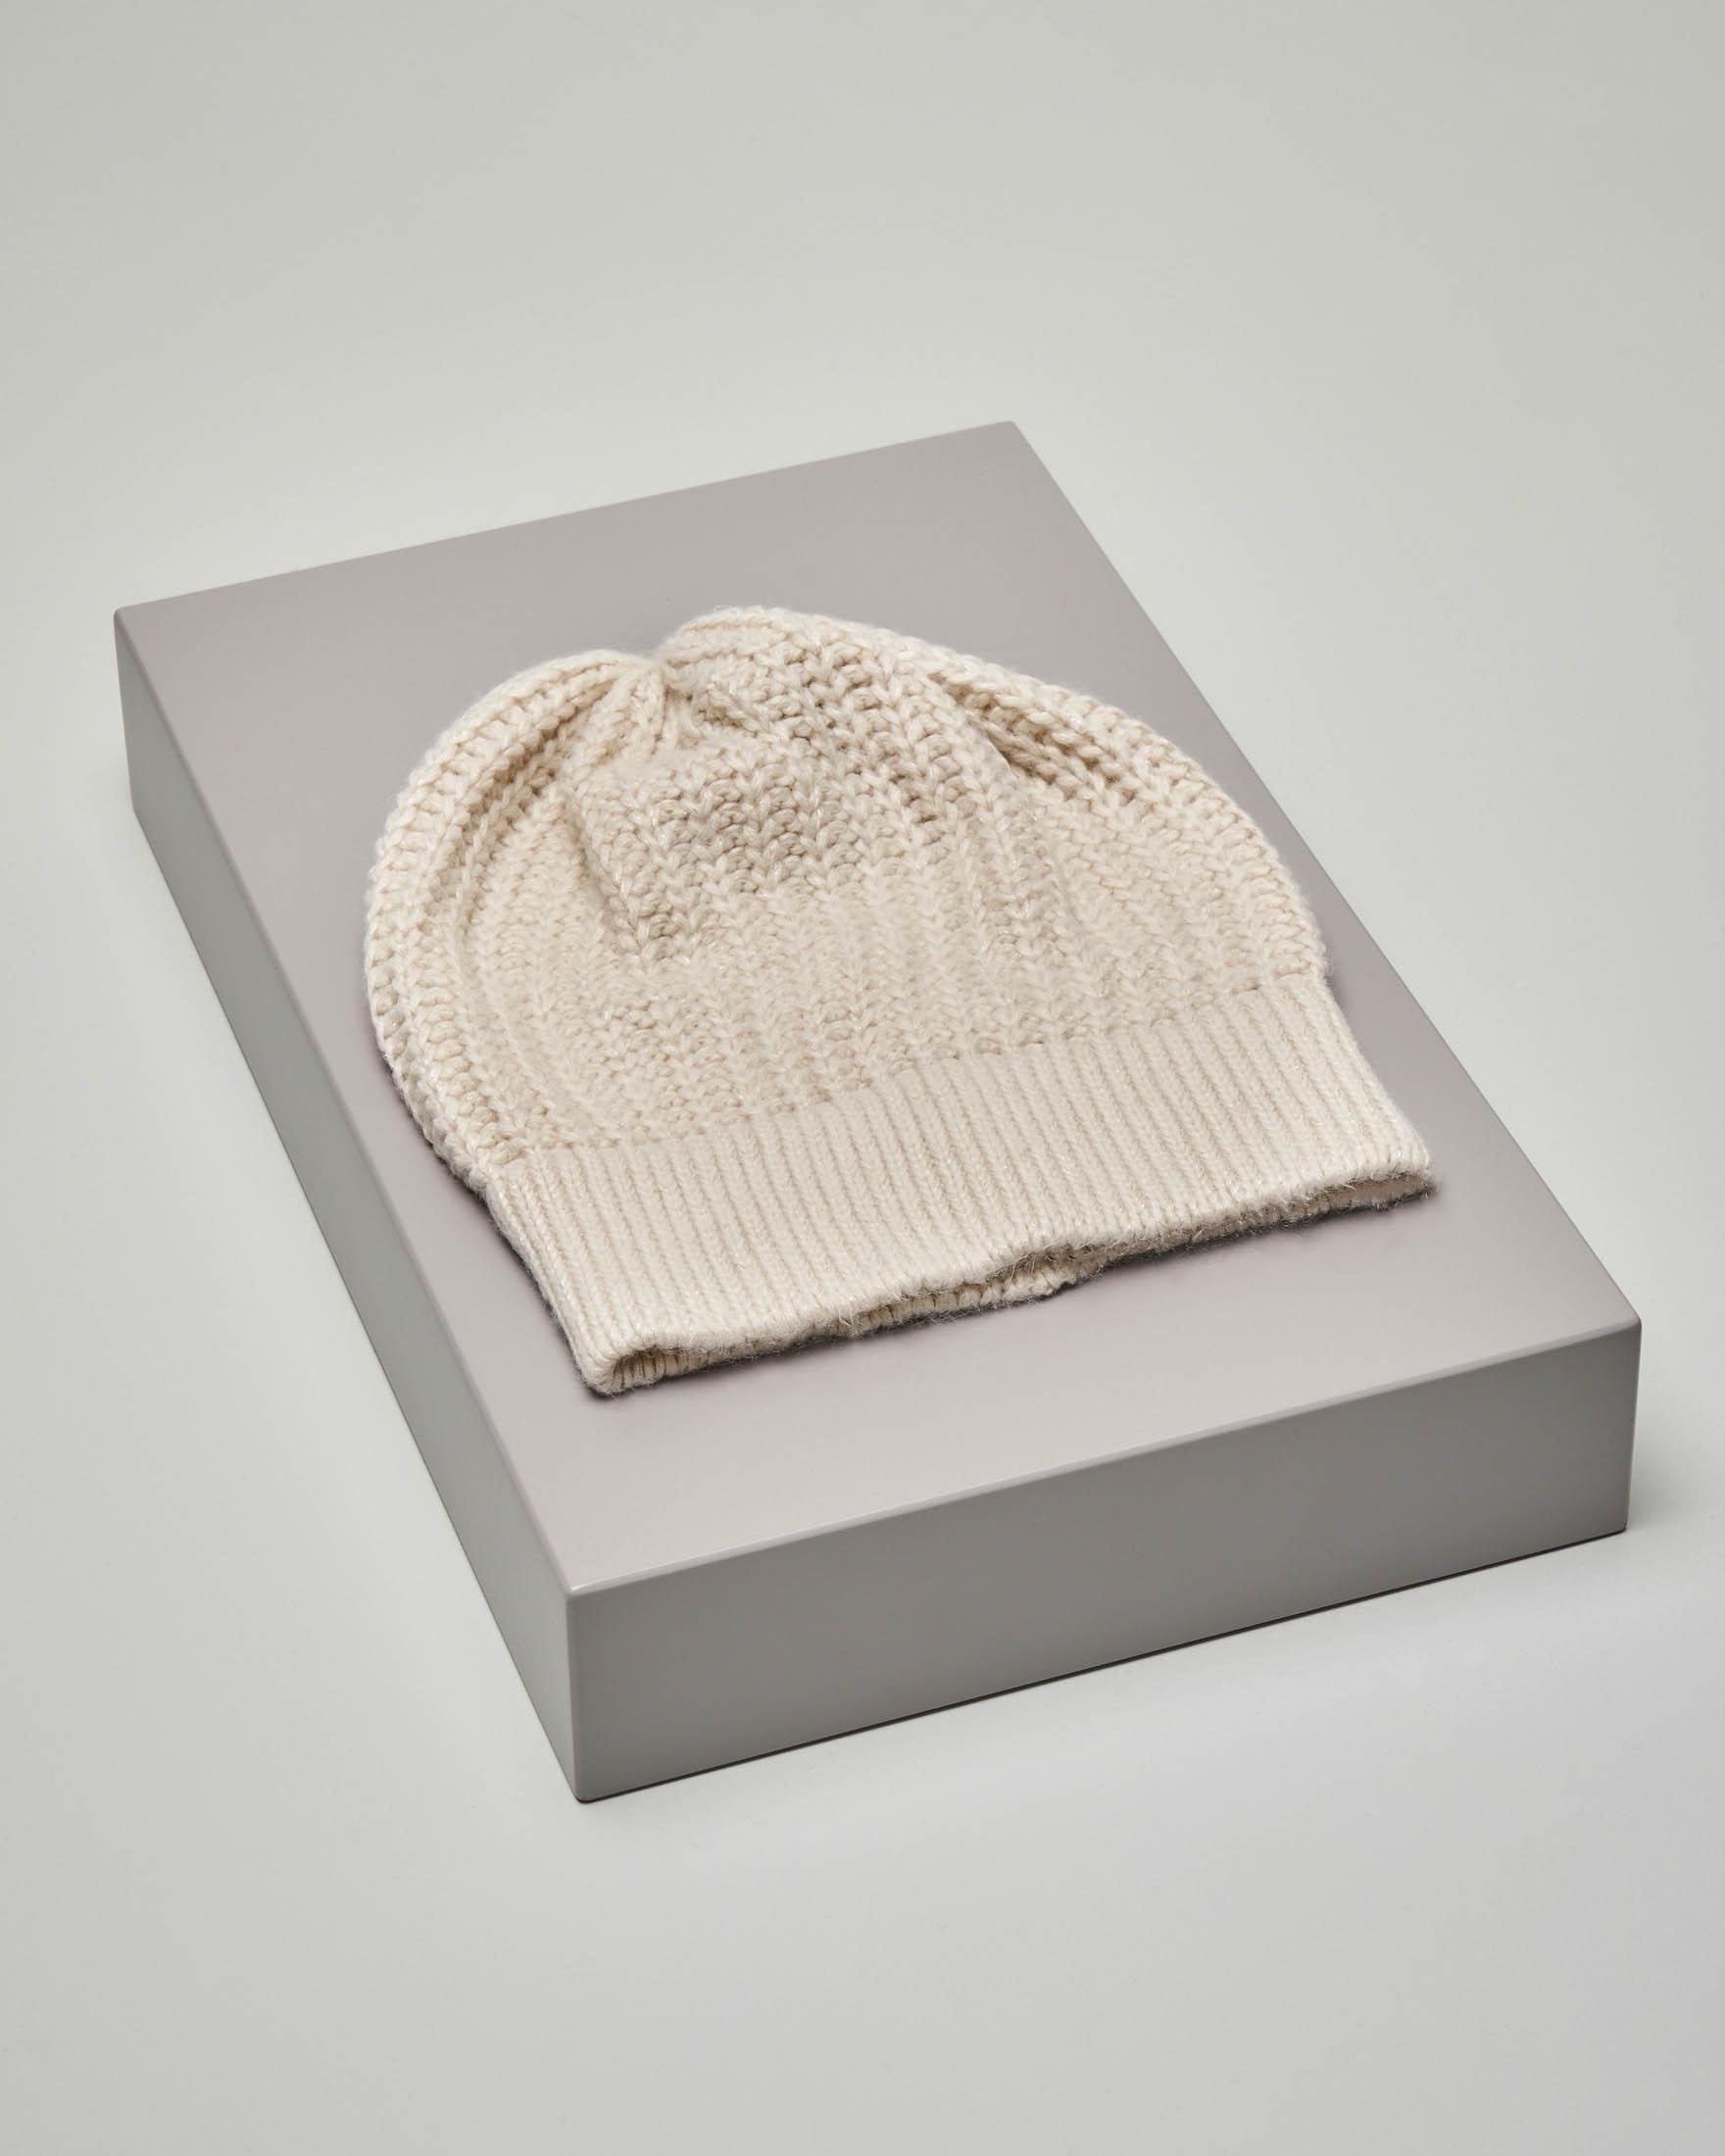 Berretto avorio tricot in misto lana con inserti in lurex